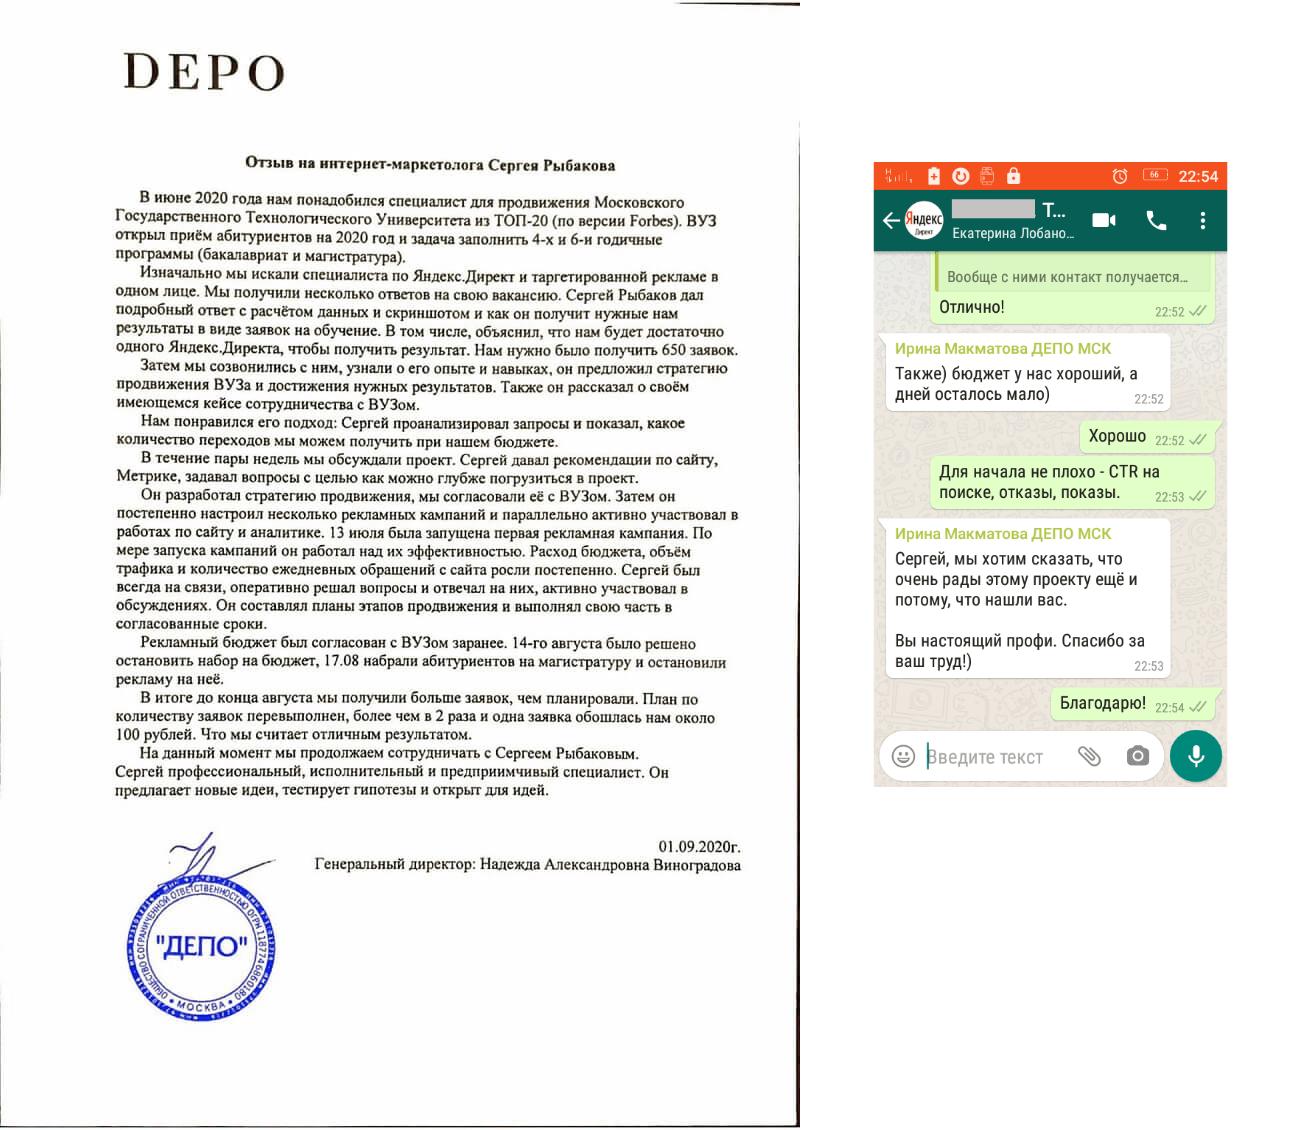 Отзыв на настройку и сопровождение рекламы в Яндекс Директ - ВУЗ из ТОП-20